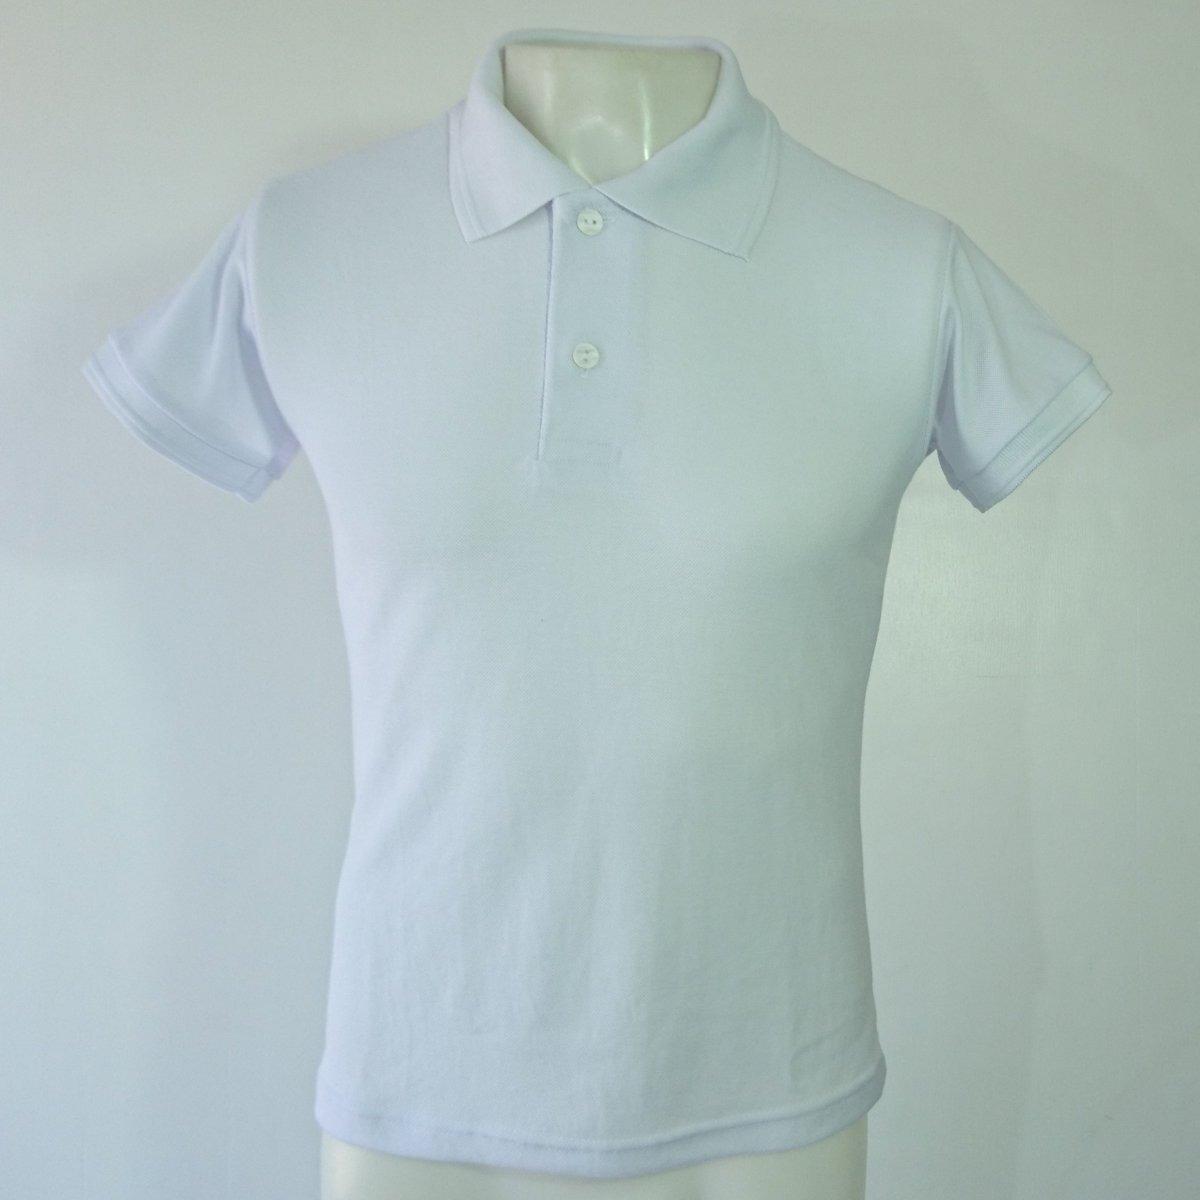 b102500e9 camisa polo feminina ótimos tamanhos p m g gg. Carregando zoom.